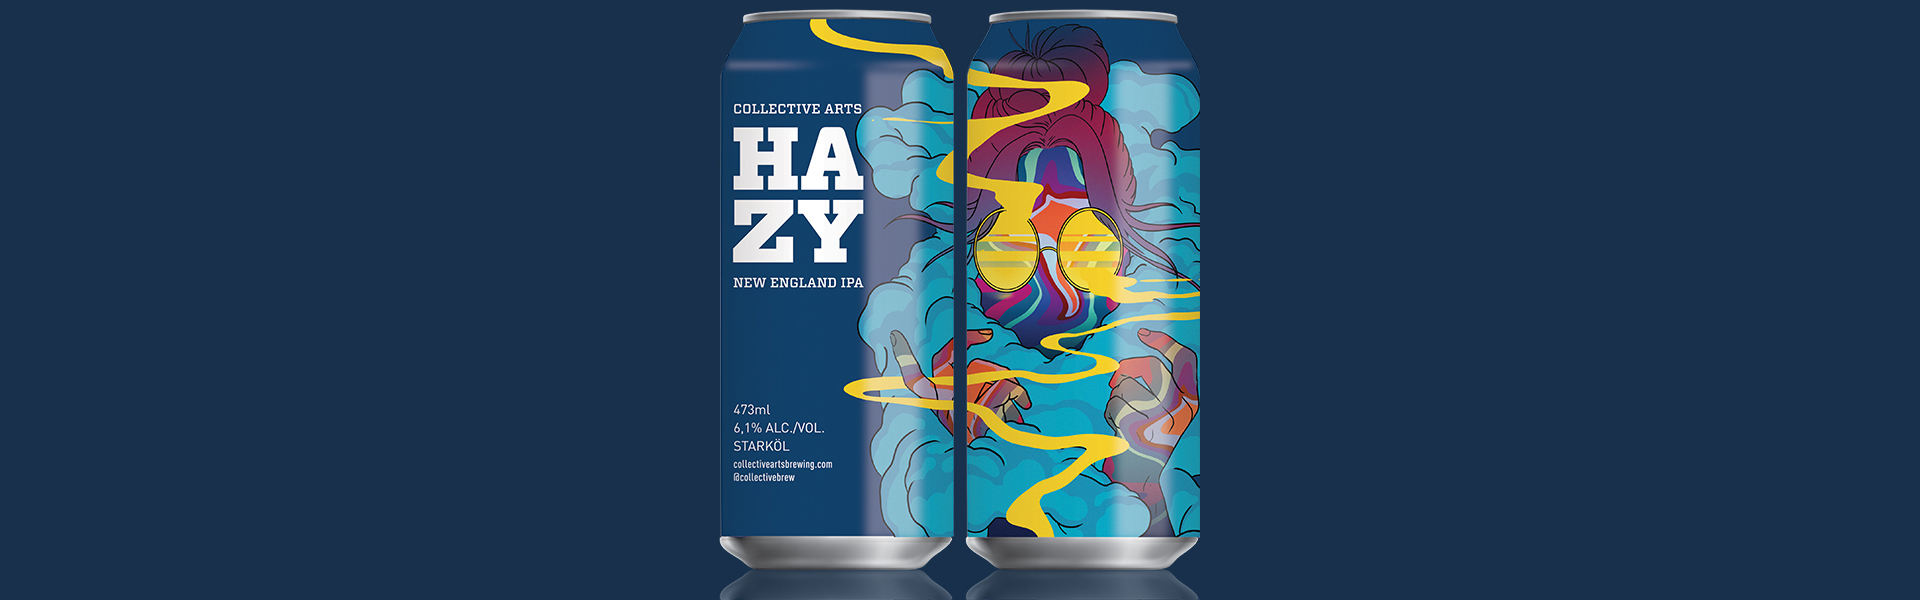 Tillfälligt släpp på Systembolaget – Hazy New England IPA först ut när Collective Arts lanseras i Sverige.